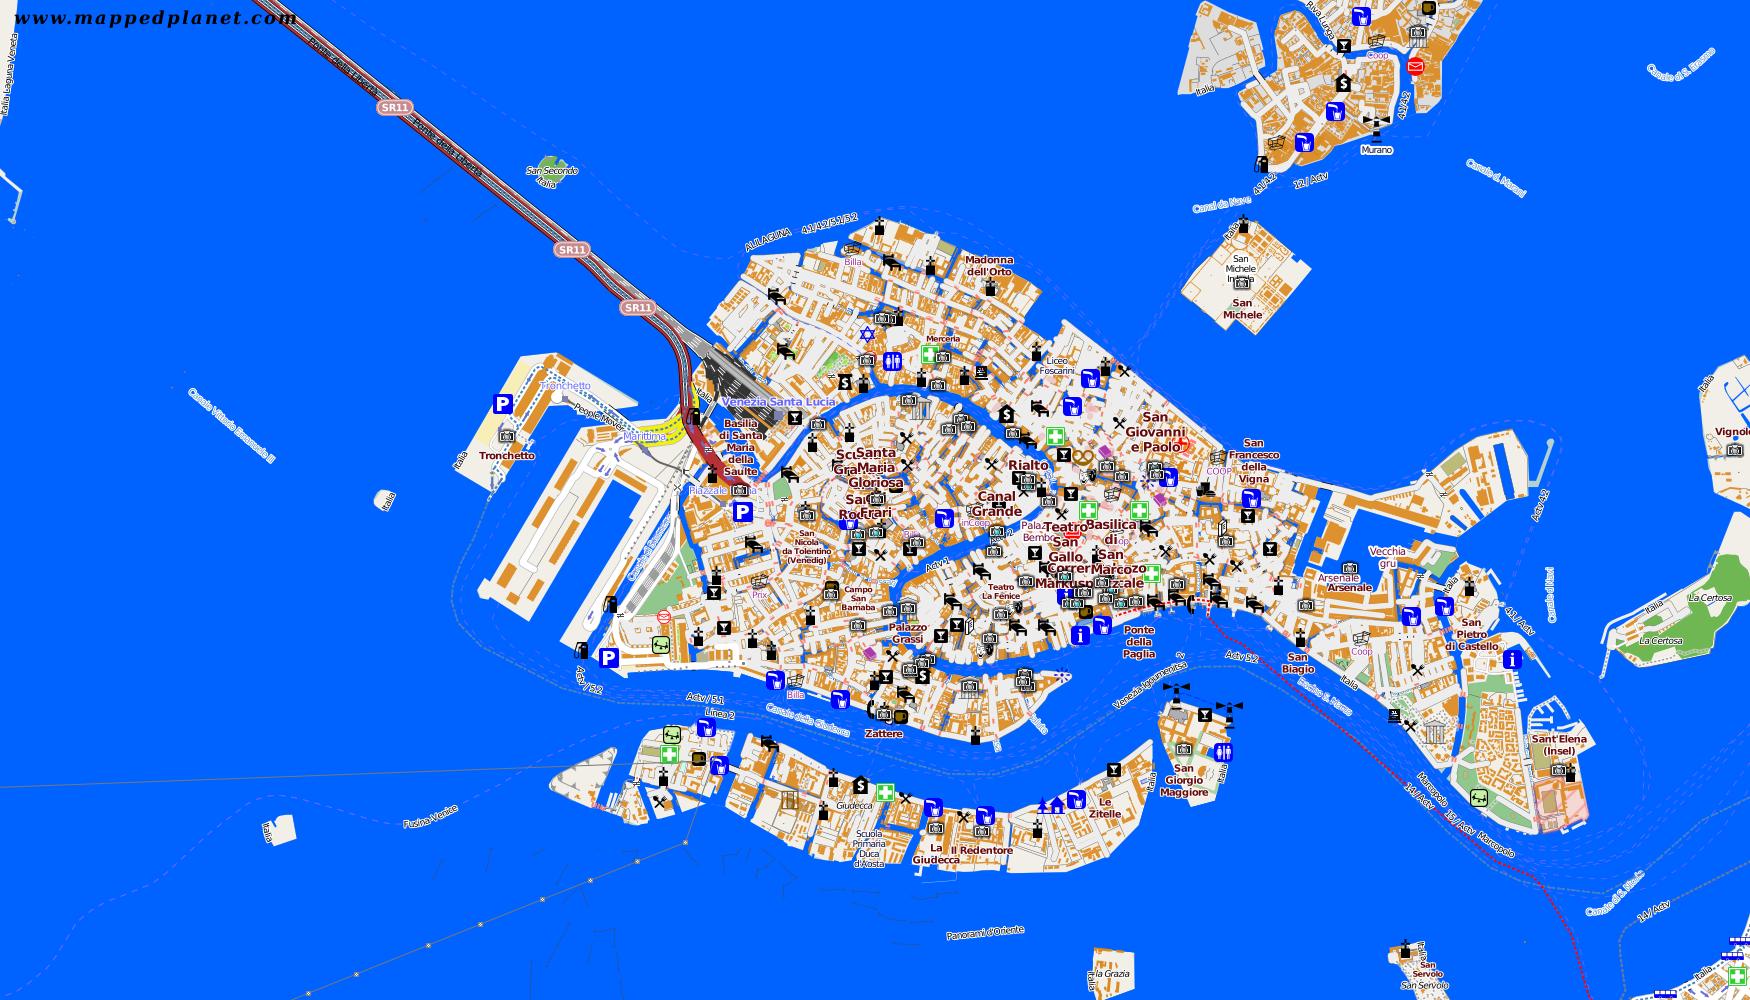 Venedig Karte.Karten Und Stadtplane Venedig